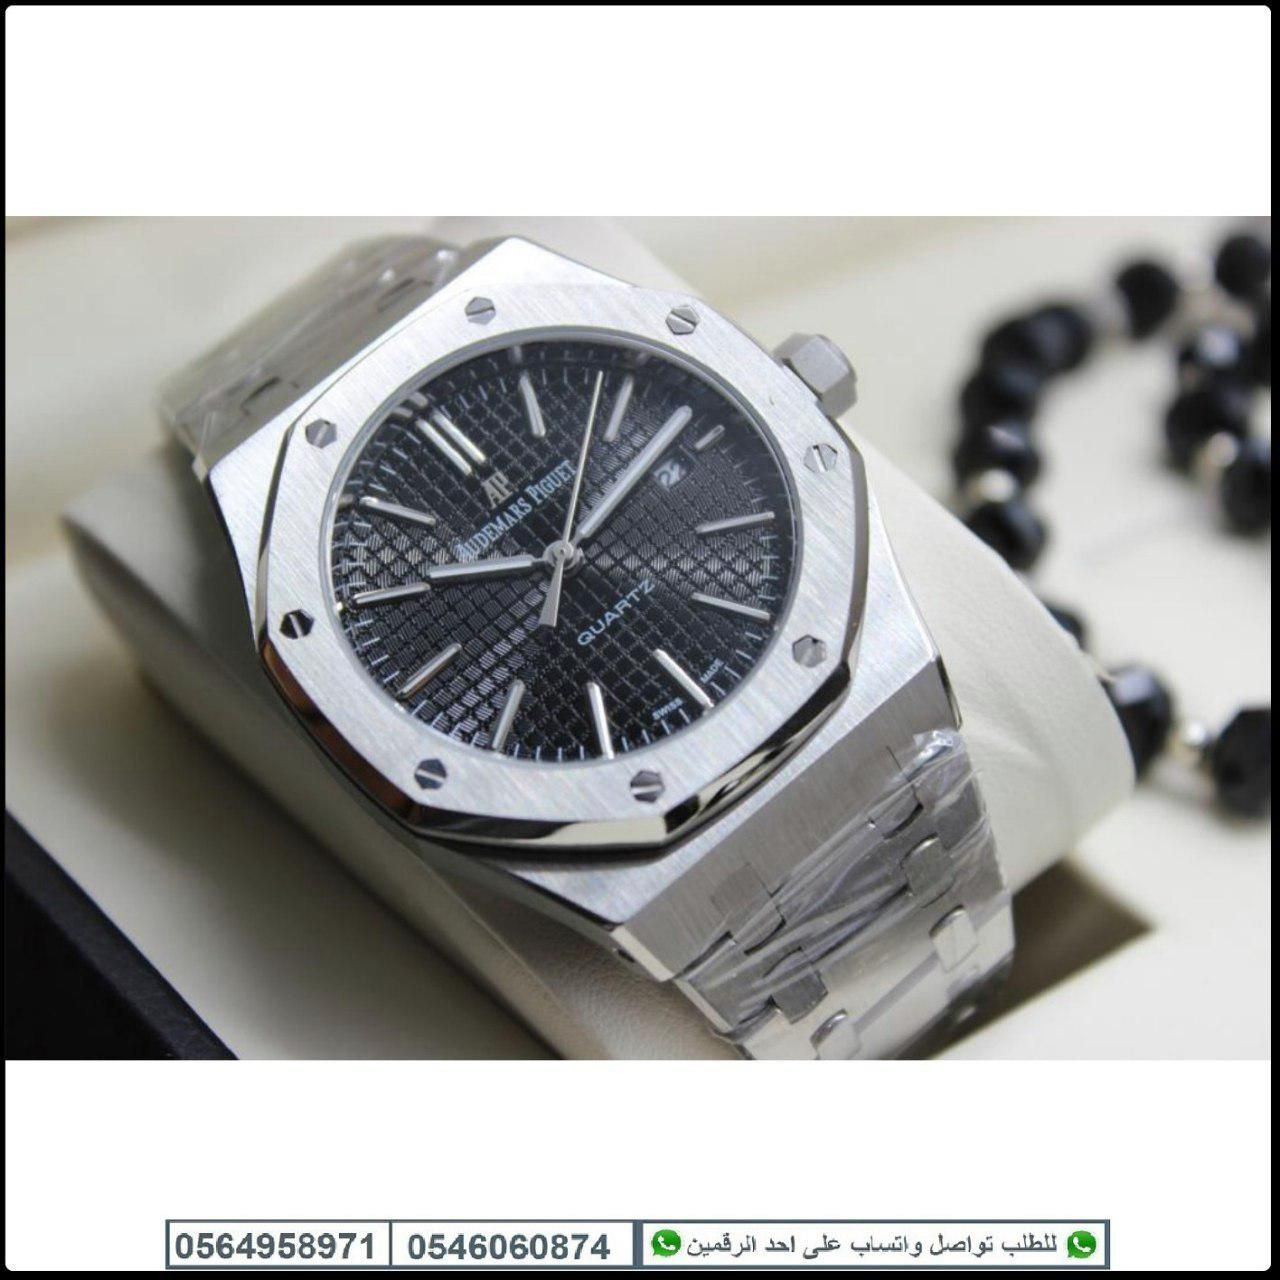 ساعات ادمر بياجيه رجالي Audemars Piguet هاي كواليتي استانل استيل وسبحه هدايا هنوف Accessories Omega Watch Watches